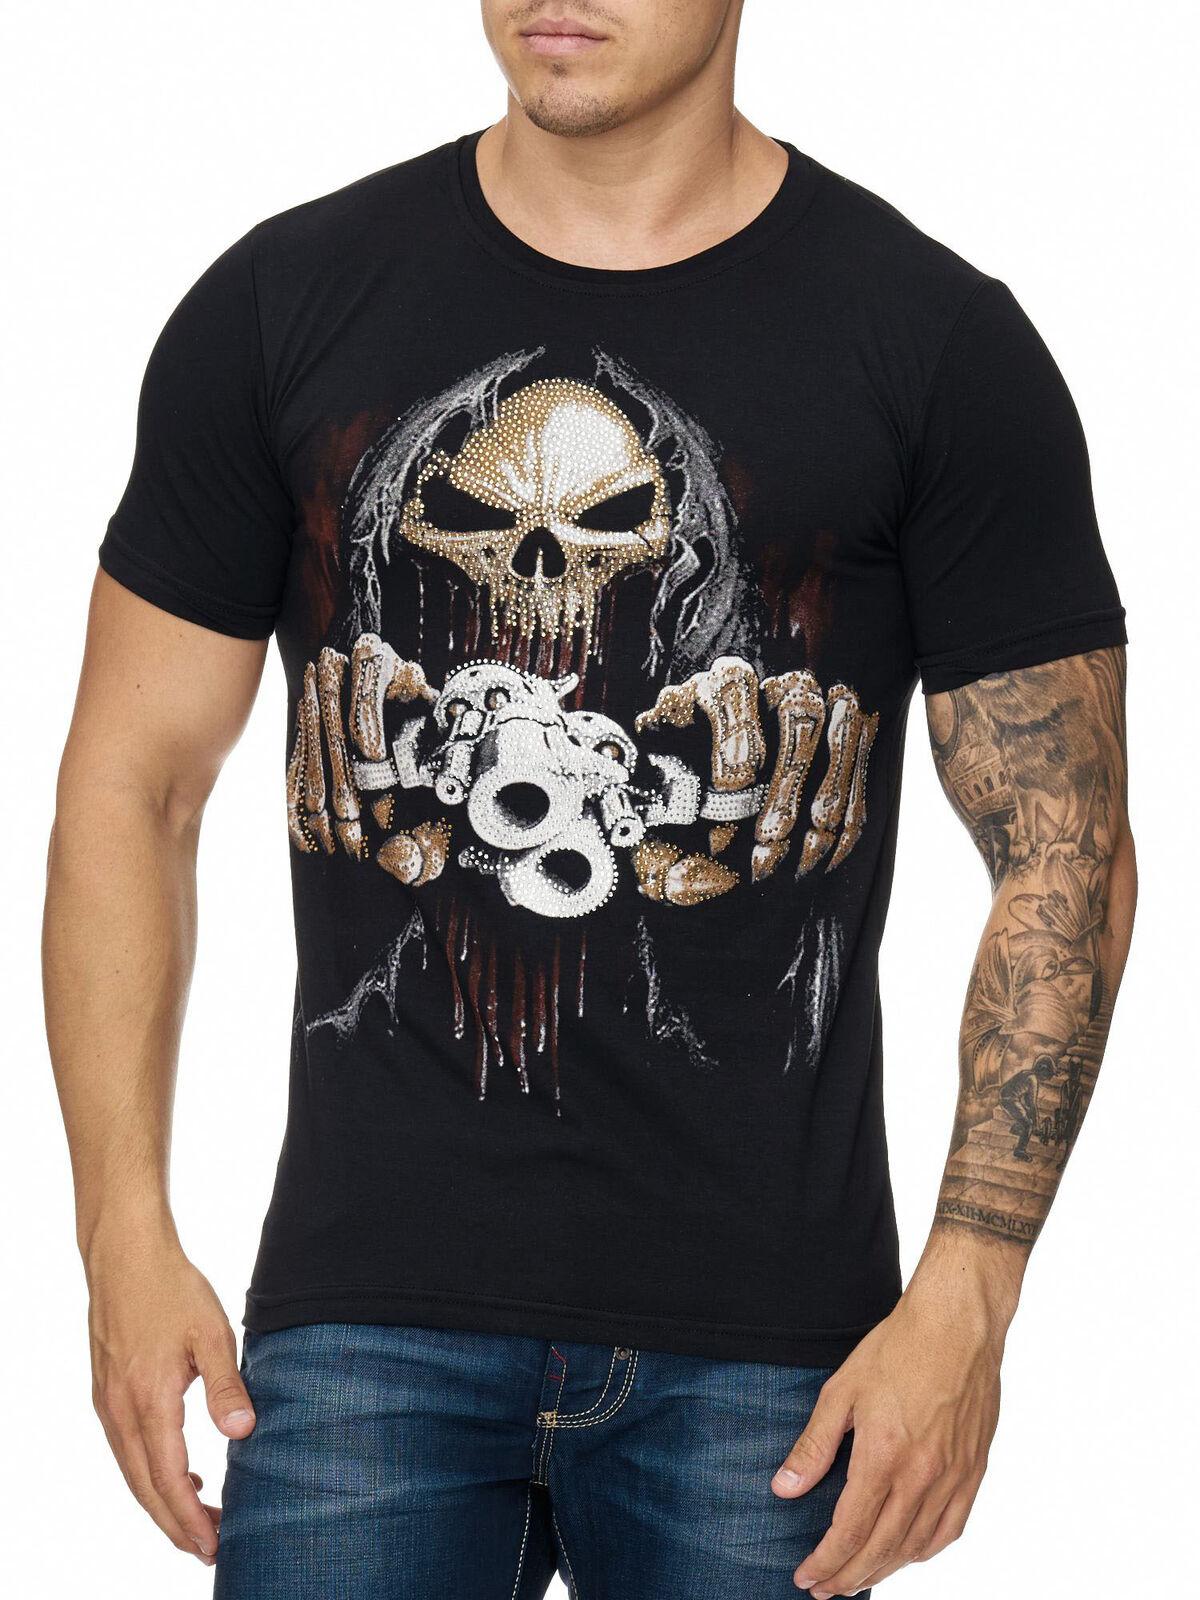 Herren T-Shirt Weiß Totenkopf Skull Federhaube Indianer Federschmuck John Kayna